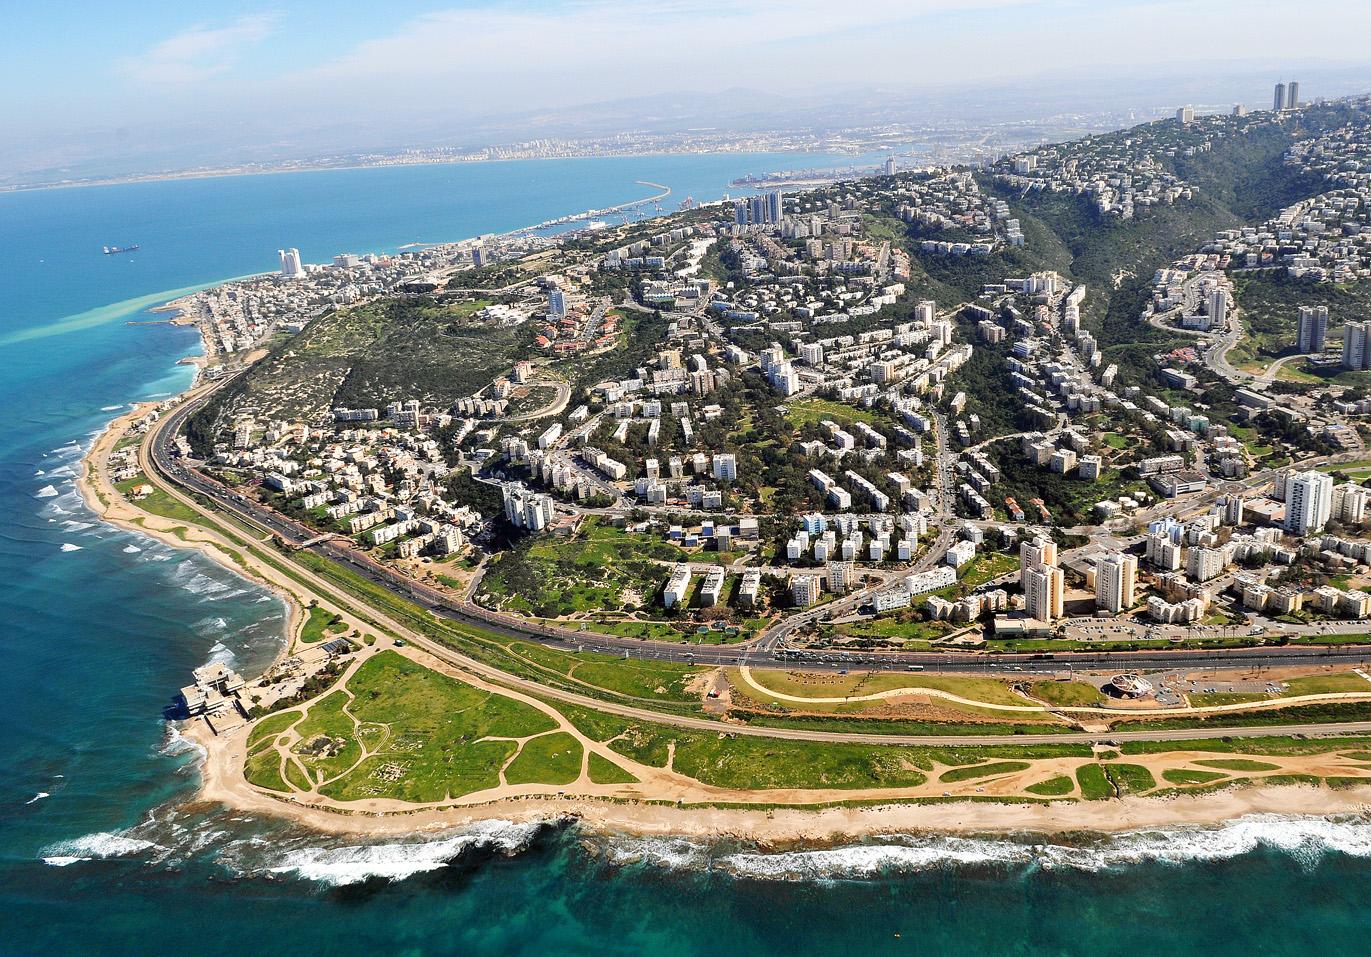 מפרץ חיפה והגליל המערבי